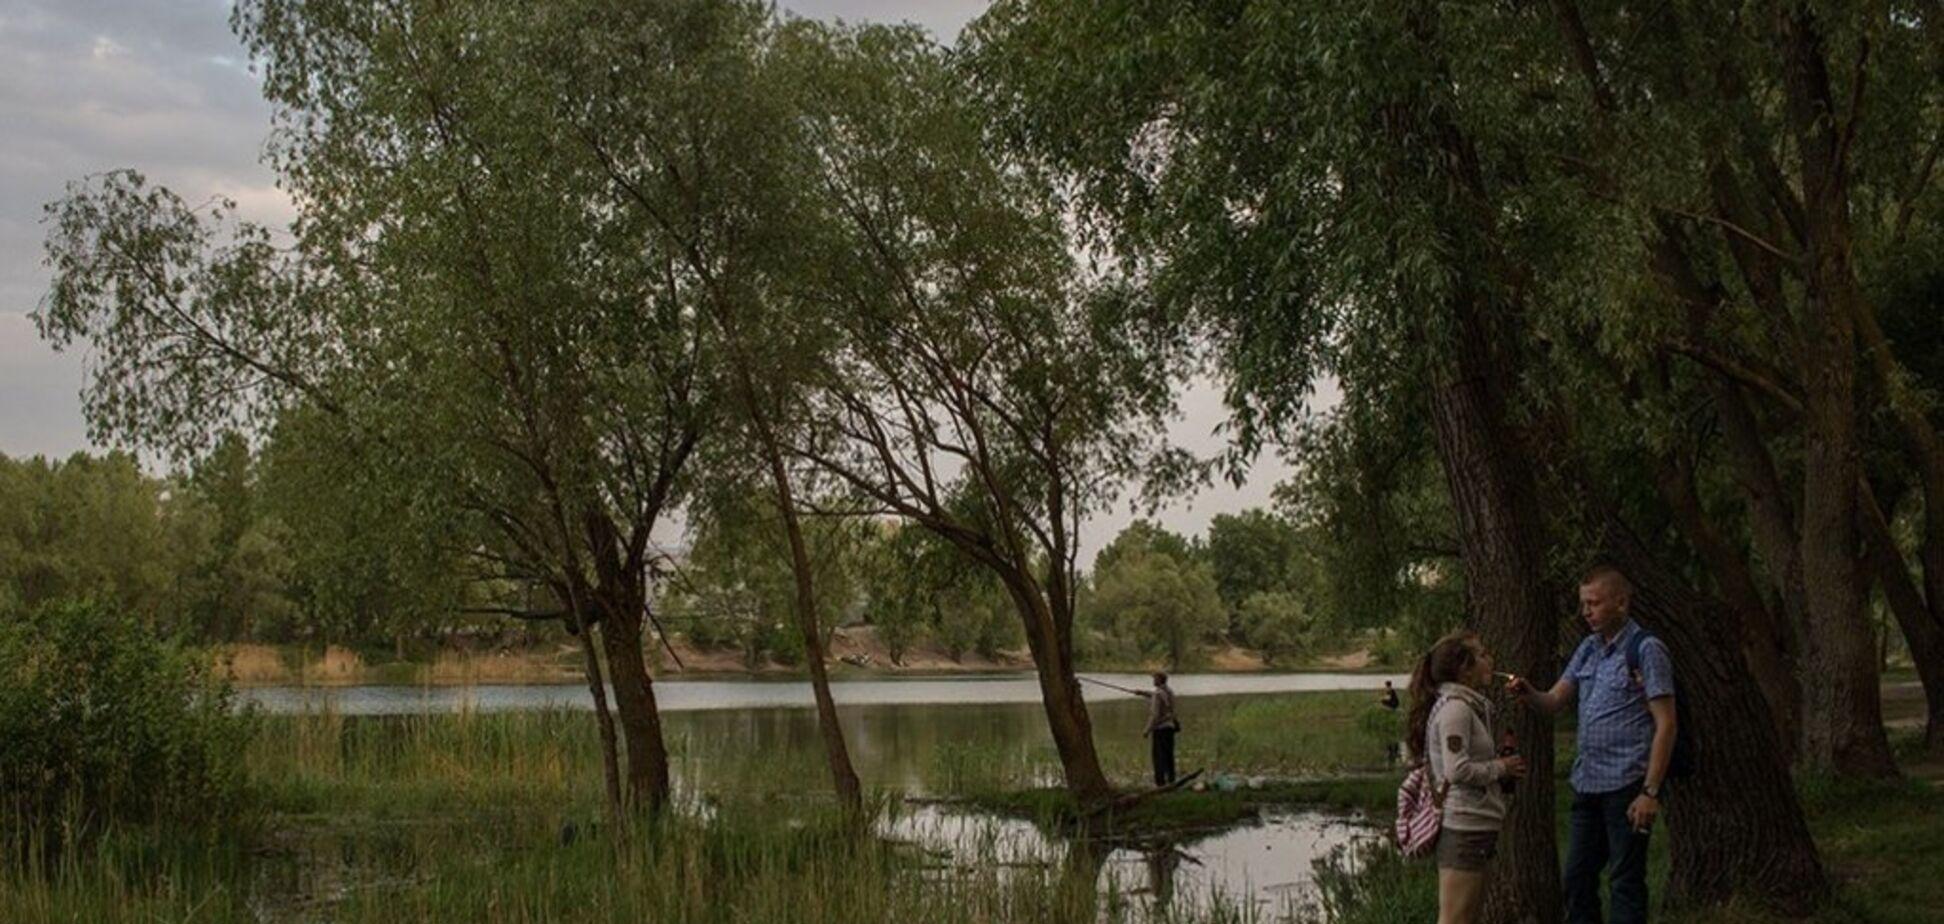 Студент показав життя у 'кам'яних джунглях' Києва: фото робіт